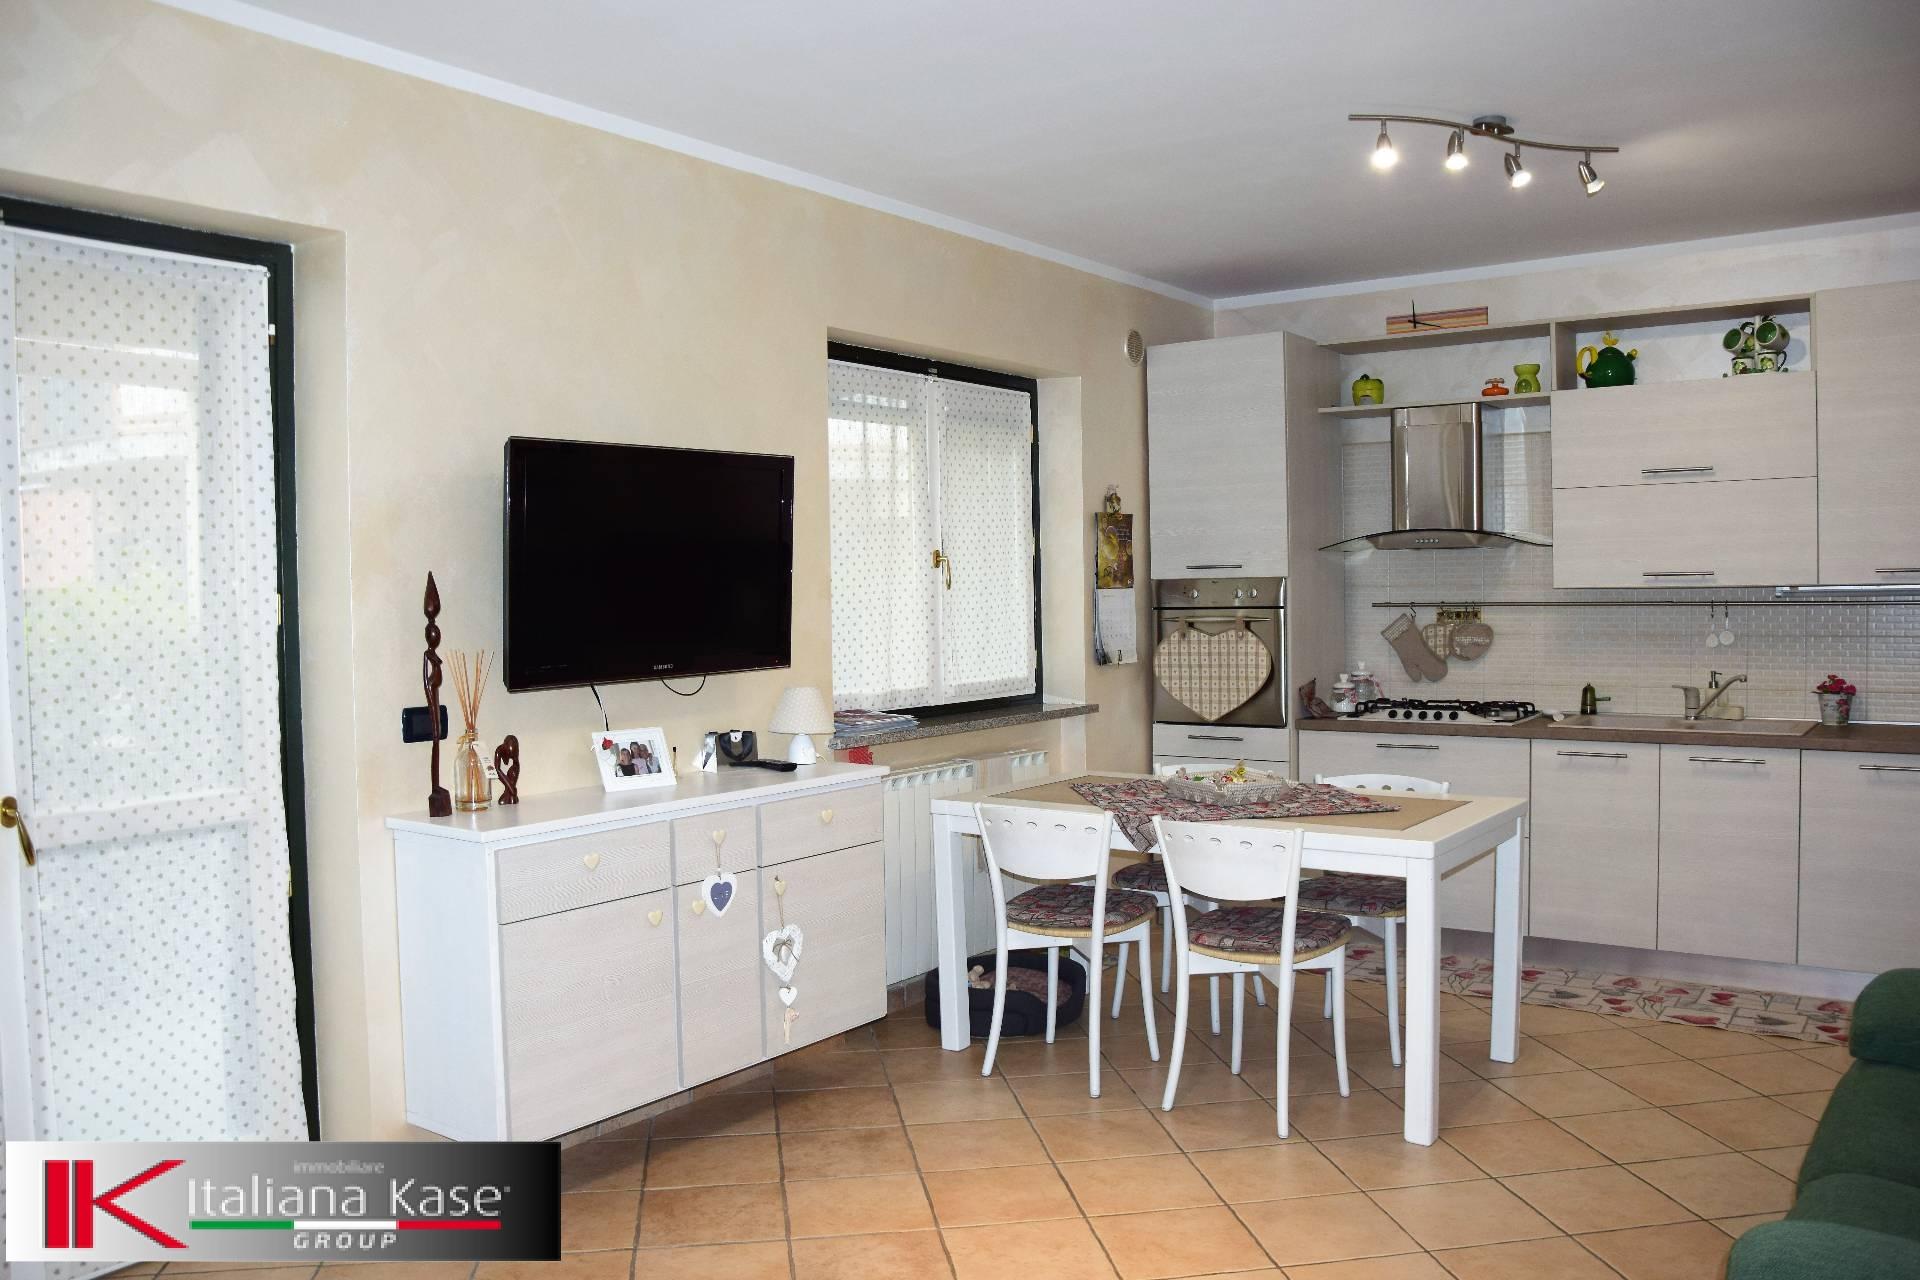 Appartamento in vendita a Castiglione Torinese, 3 locali, zona Località: Centro, prezzo € 195.000 | CambioCasa.it